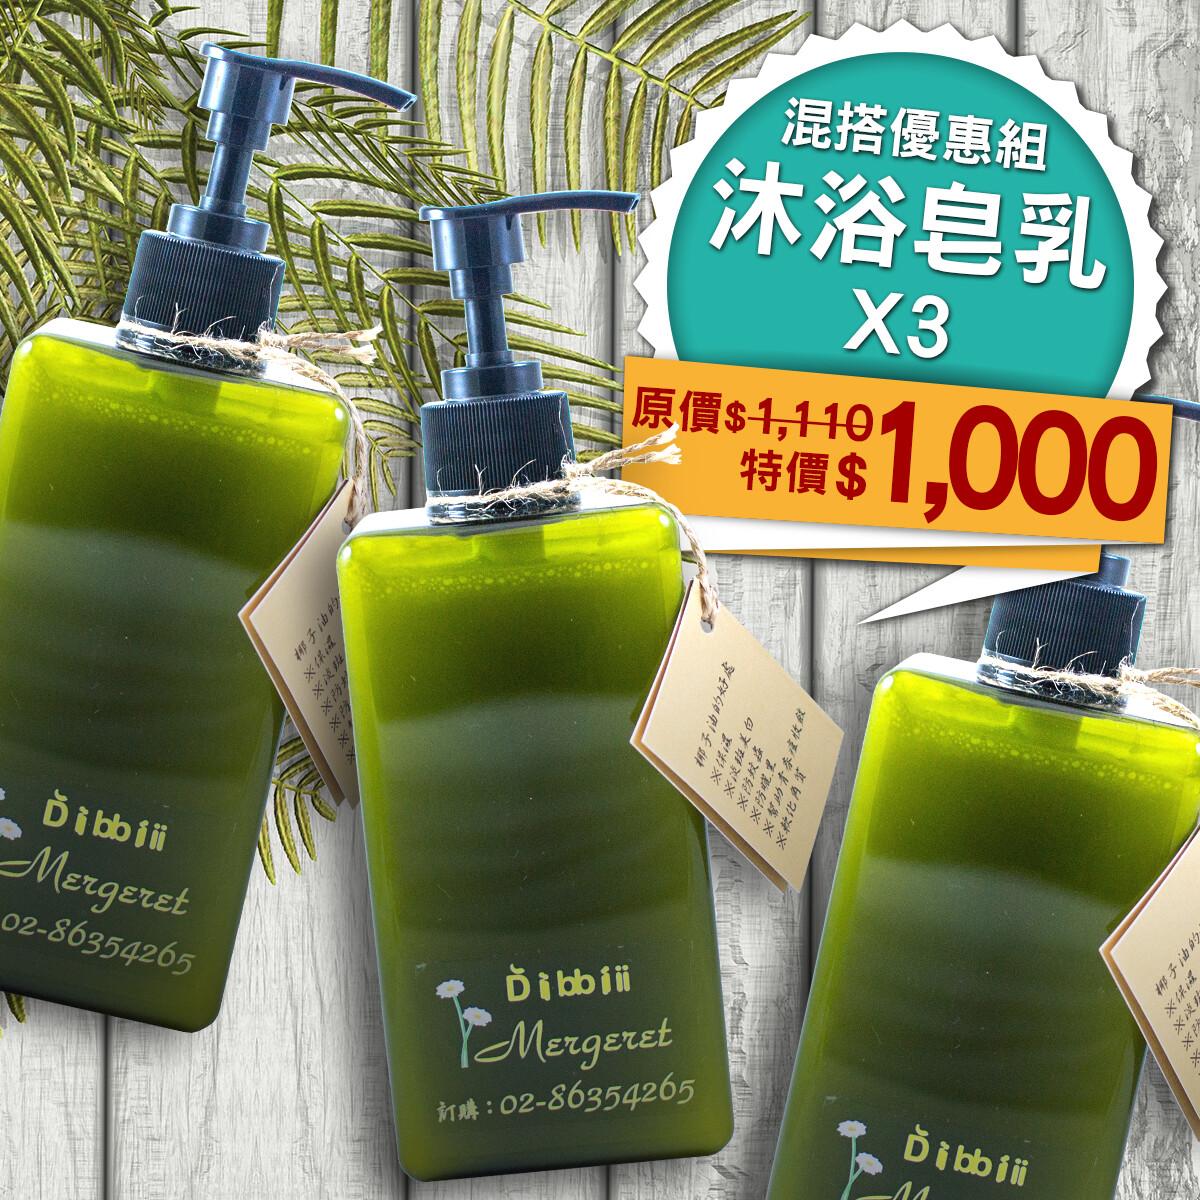 Diibbiiii椰子油美膚皂乳 - 混搭組合:沐浴皂乳x3(500ml) - 活動特惠$1000